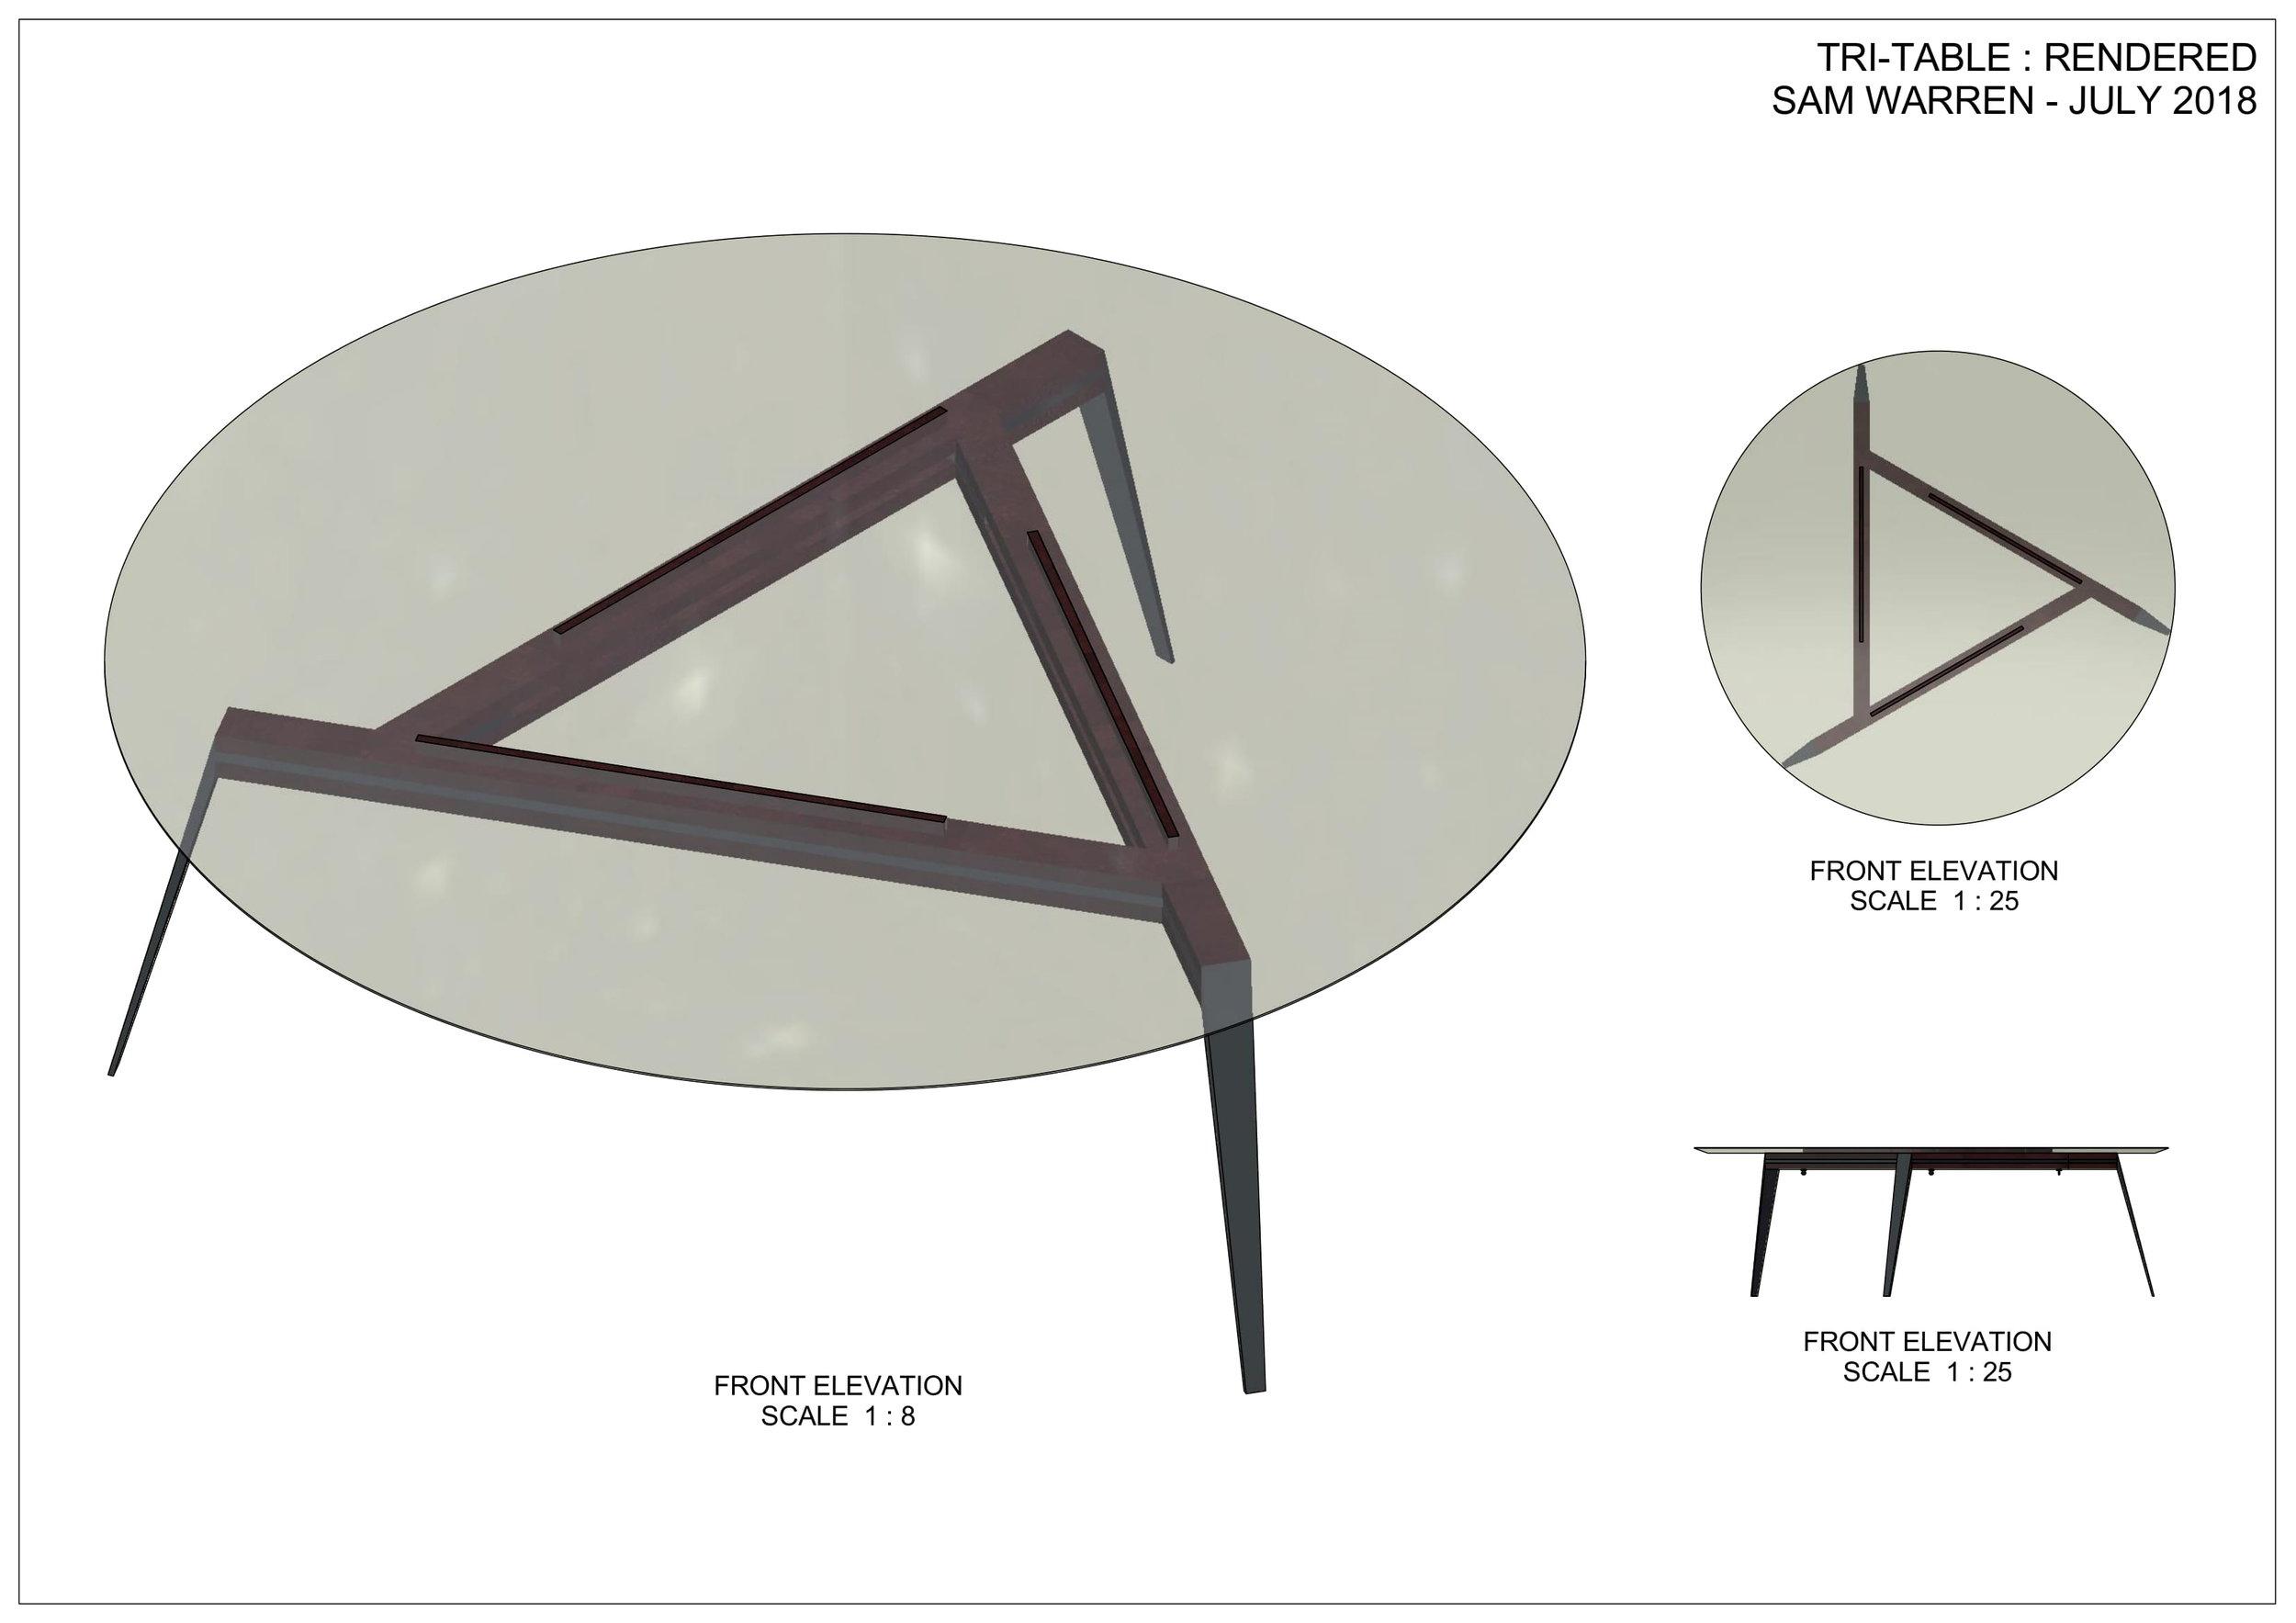 TABLE 4 - RENDERED-1.jpg